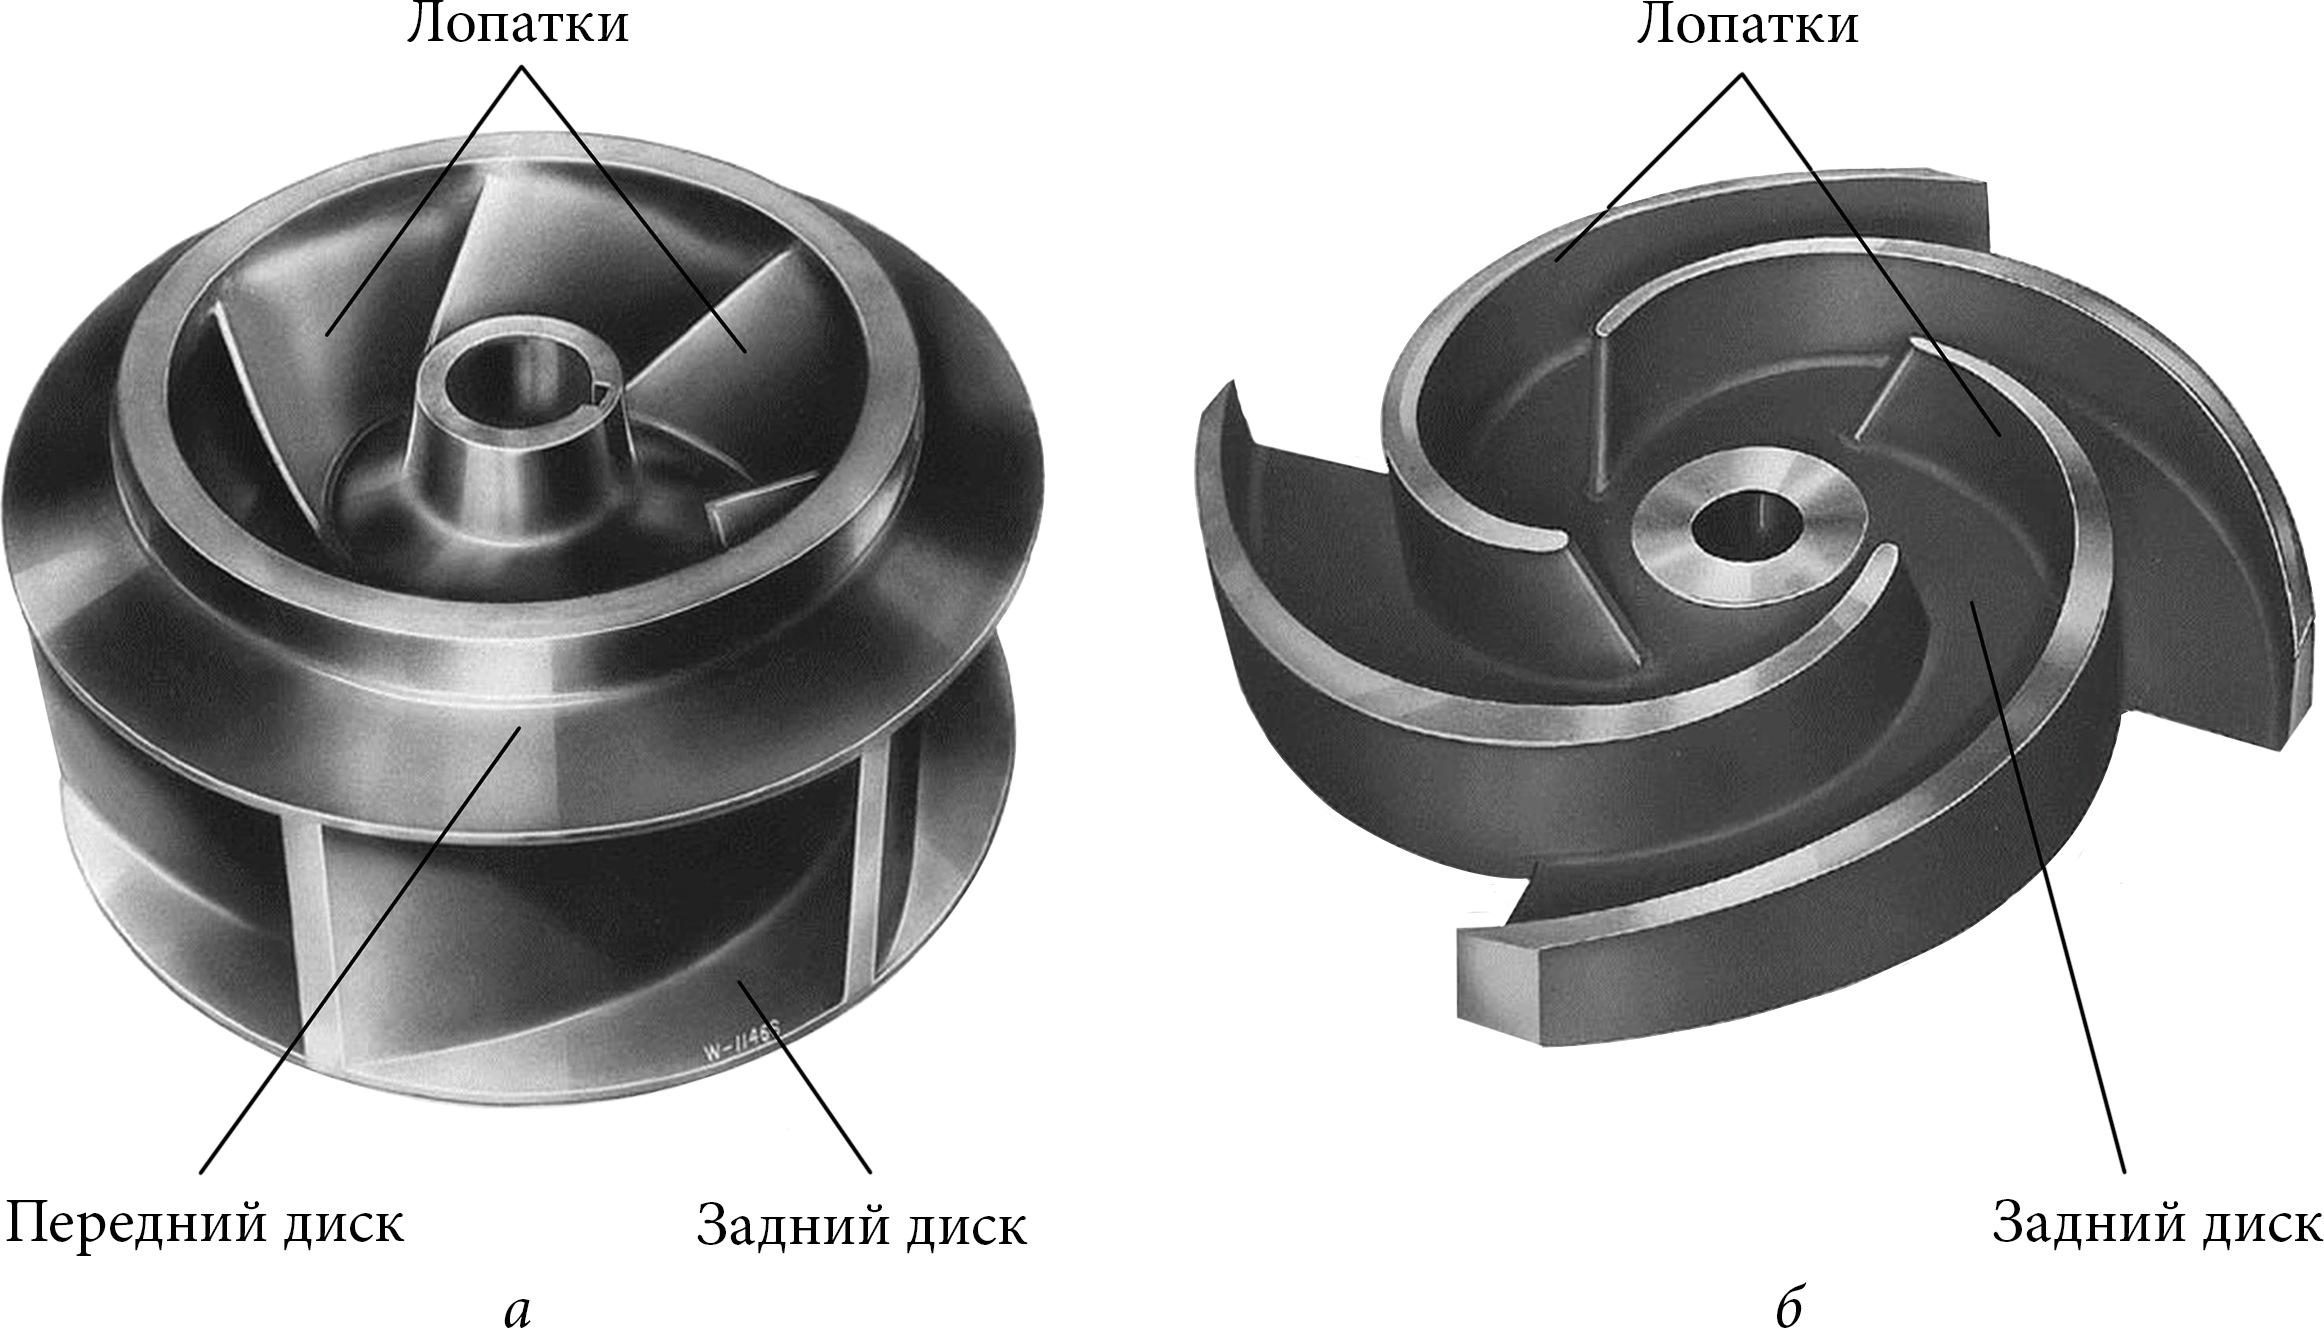 рабочие колеса для центробежных насосов